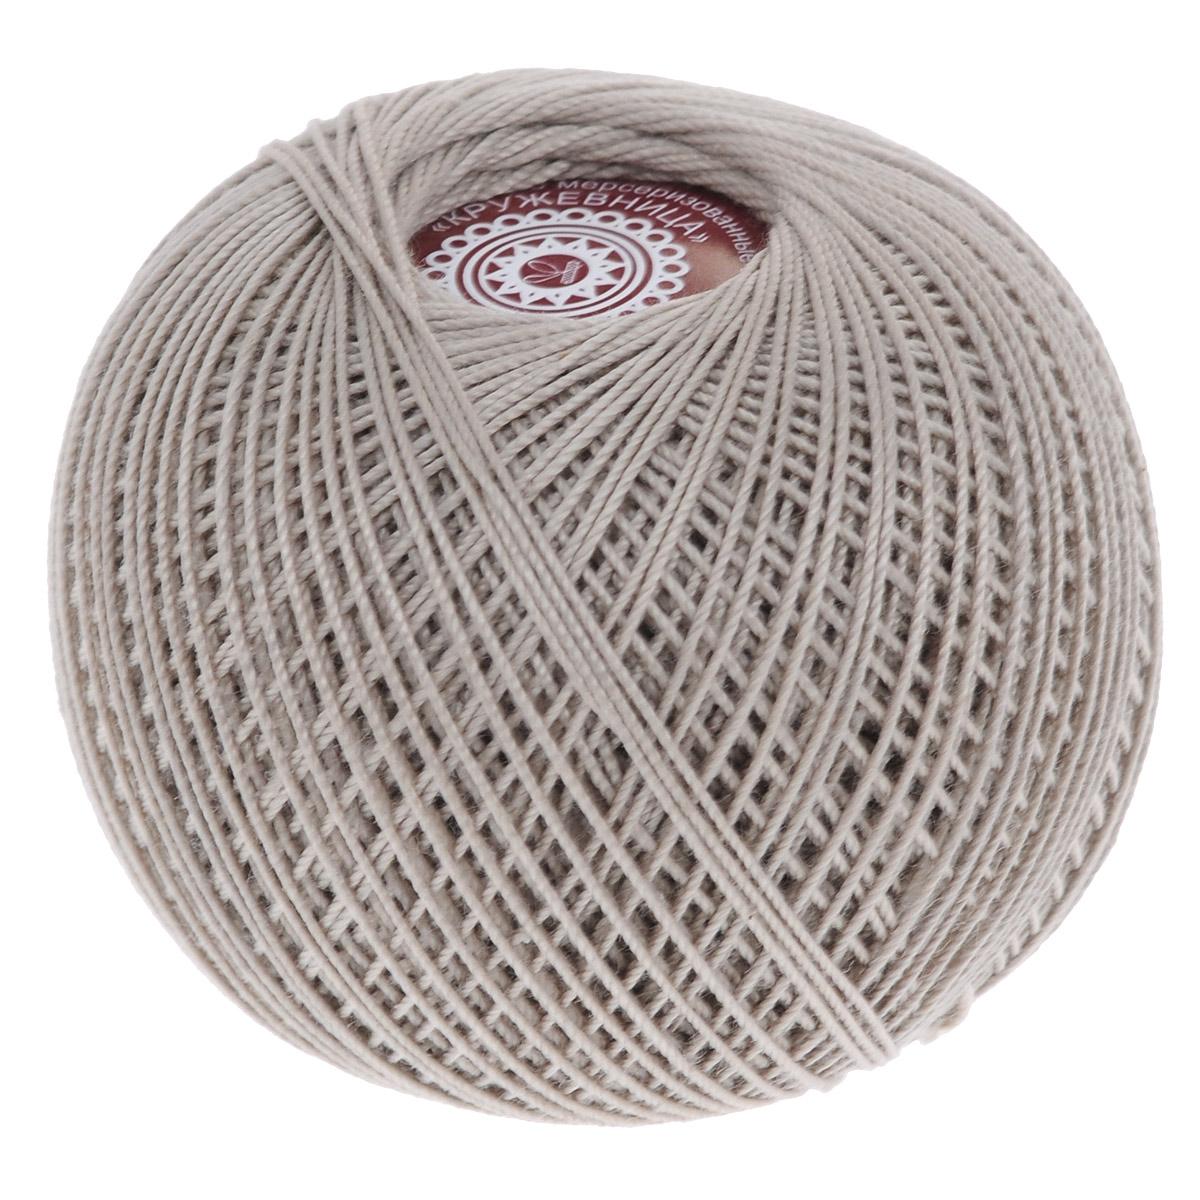 Нитки вязальные Кружевница, цвет: бежевый (6601), 195 м, 20 г, 2 шт0231102439778Мерсеризованные нитки Кружевница изготовлены из 100% хлопка и предназначены для создания воздушных легких кружев и тончайших элементов одежды. Подходят для вязания крючком, спицами. В наборе - 2 клубка. С их помощью вы сможете связать своими руками необычные и красивые вещи. Состав: 100% хлопок. Количество сложений: 3. Линейная плотность: 102 текс. Вес: 20 г. Длина нити: 195 м.